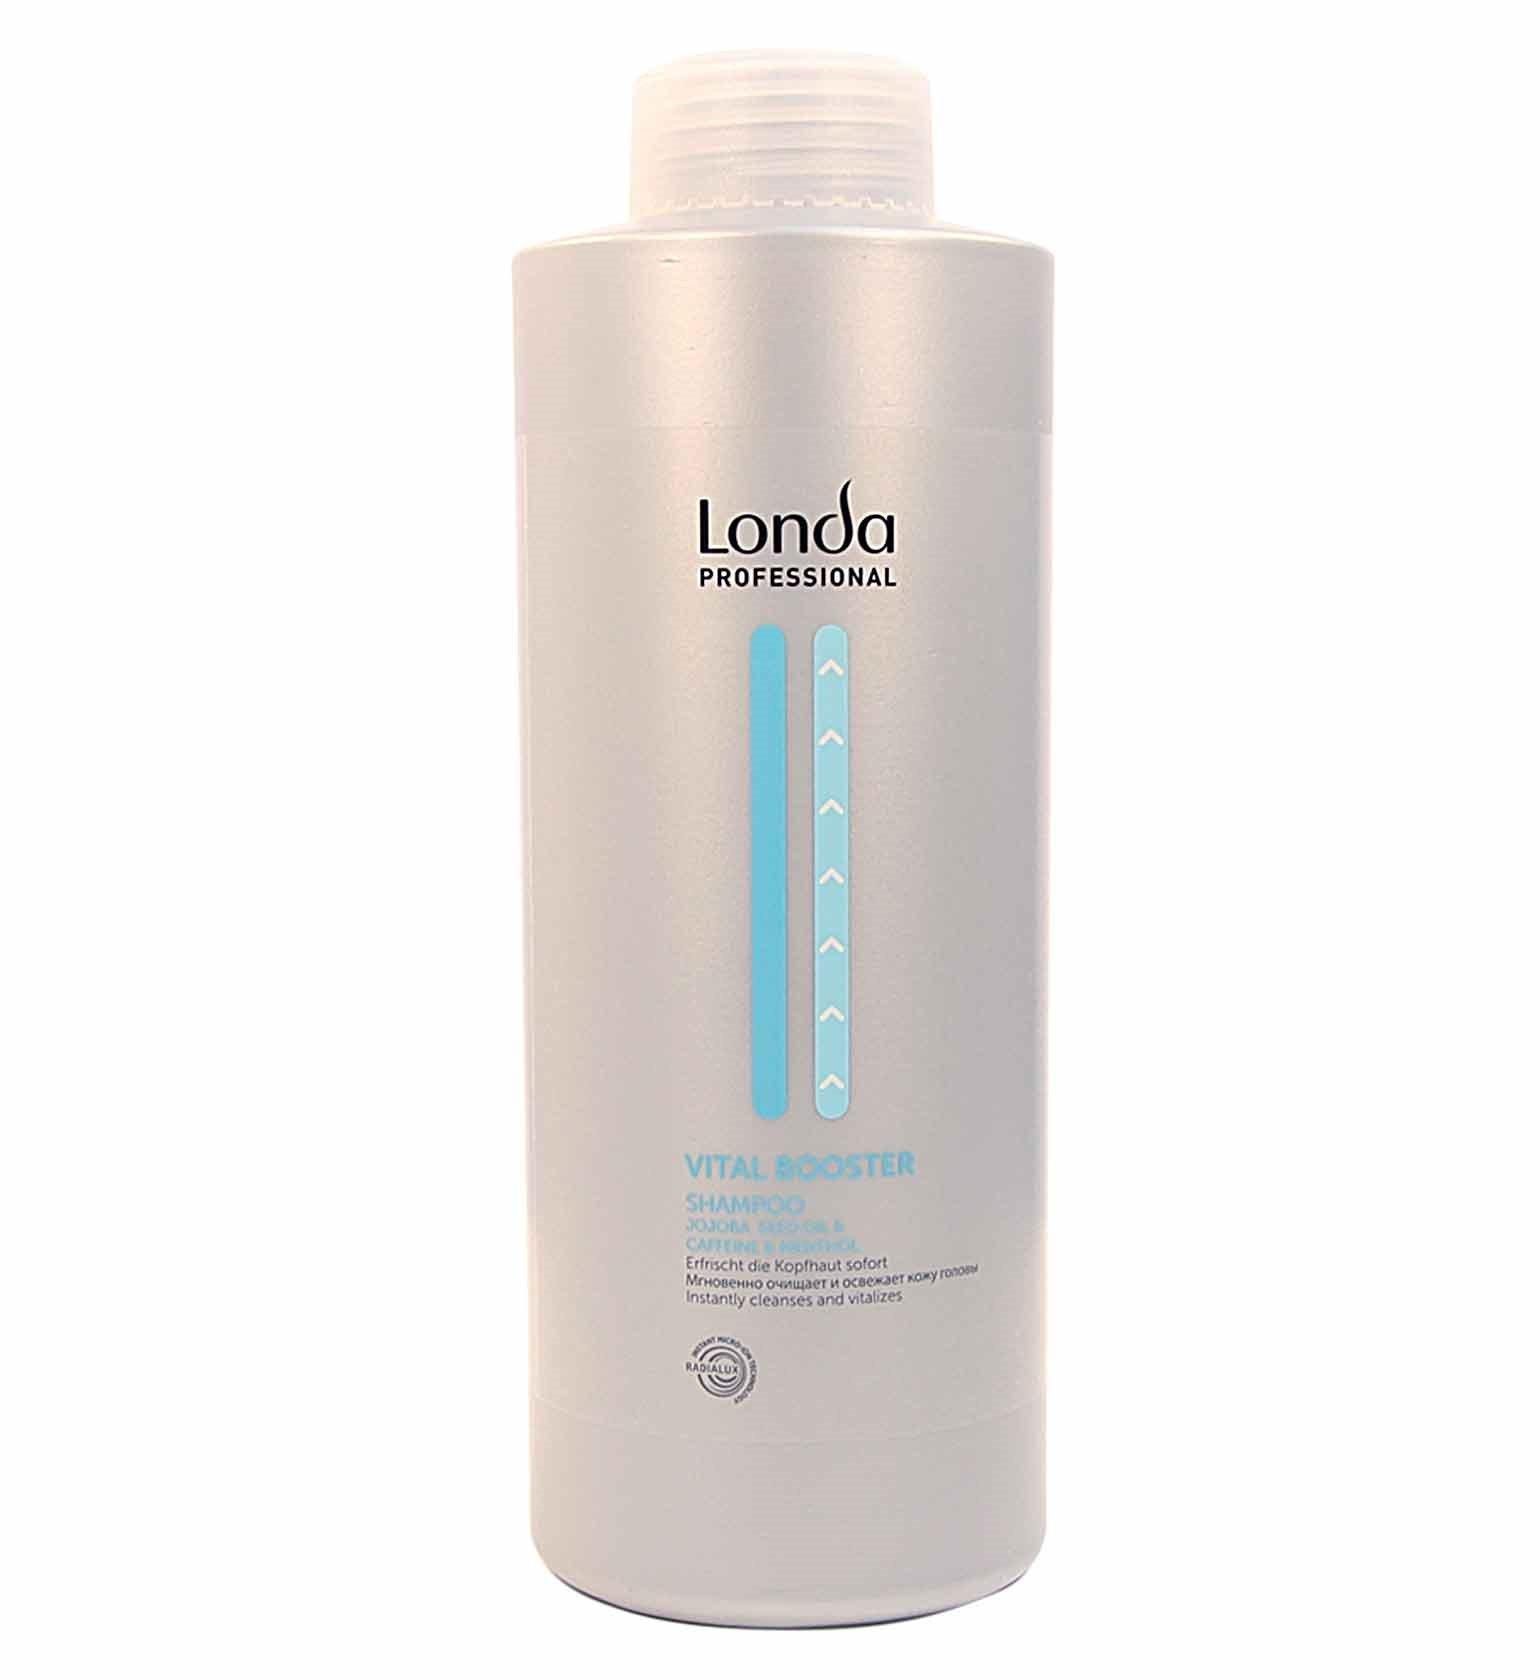 Укрепляющий шампунь против выпадения волос Londa | Vital Booster Shampoo Londa, 1л